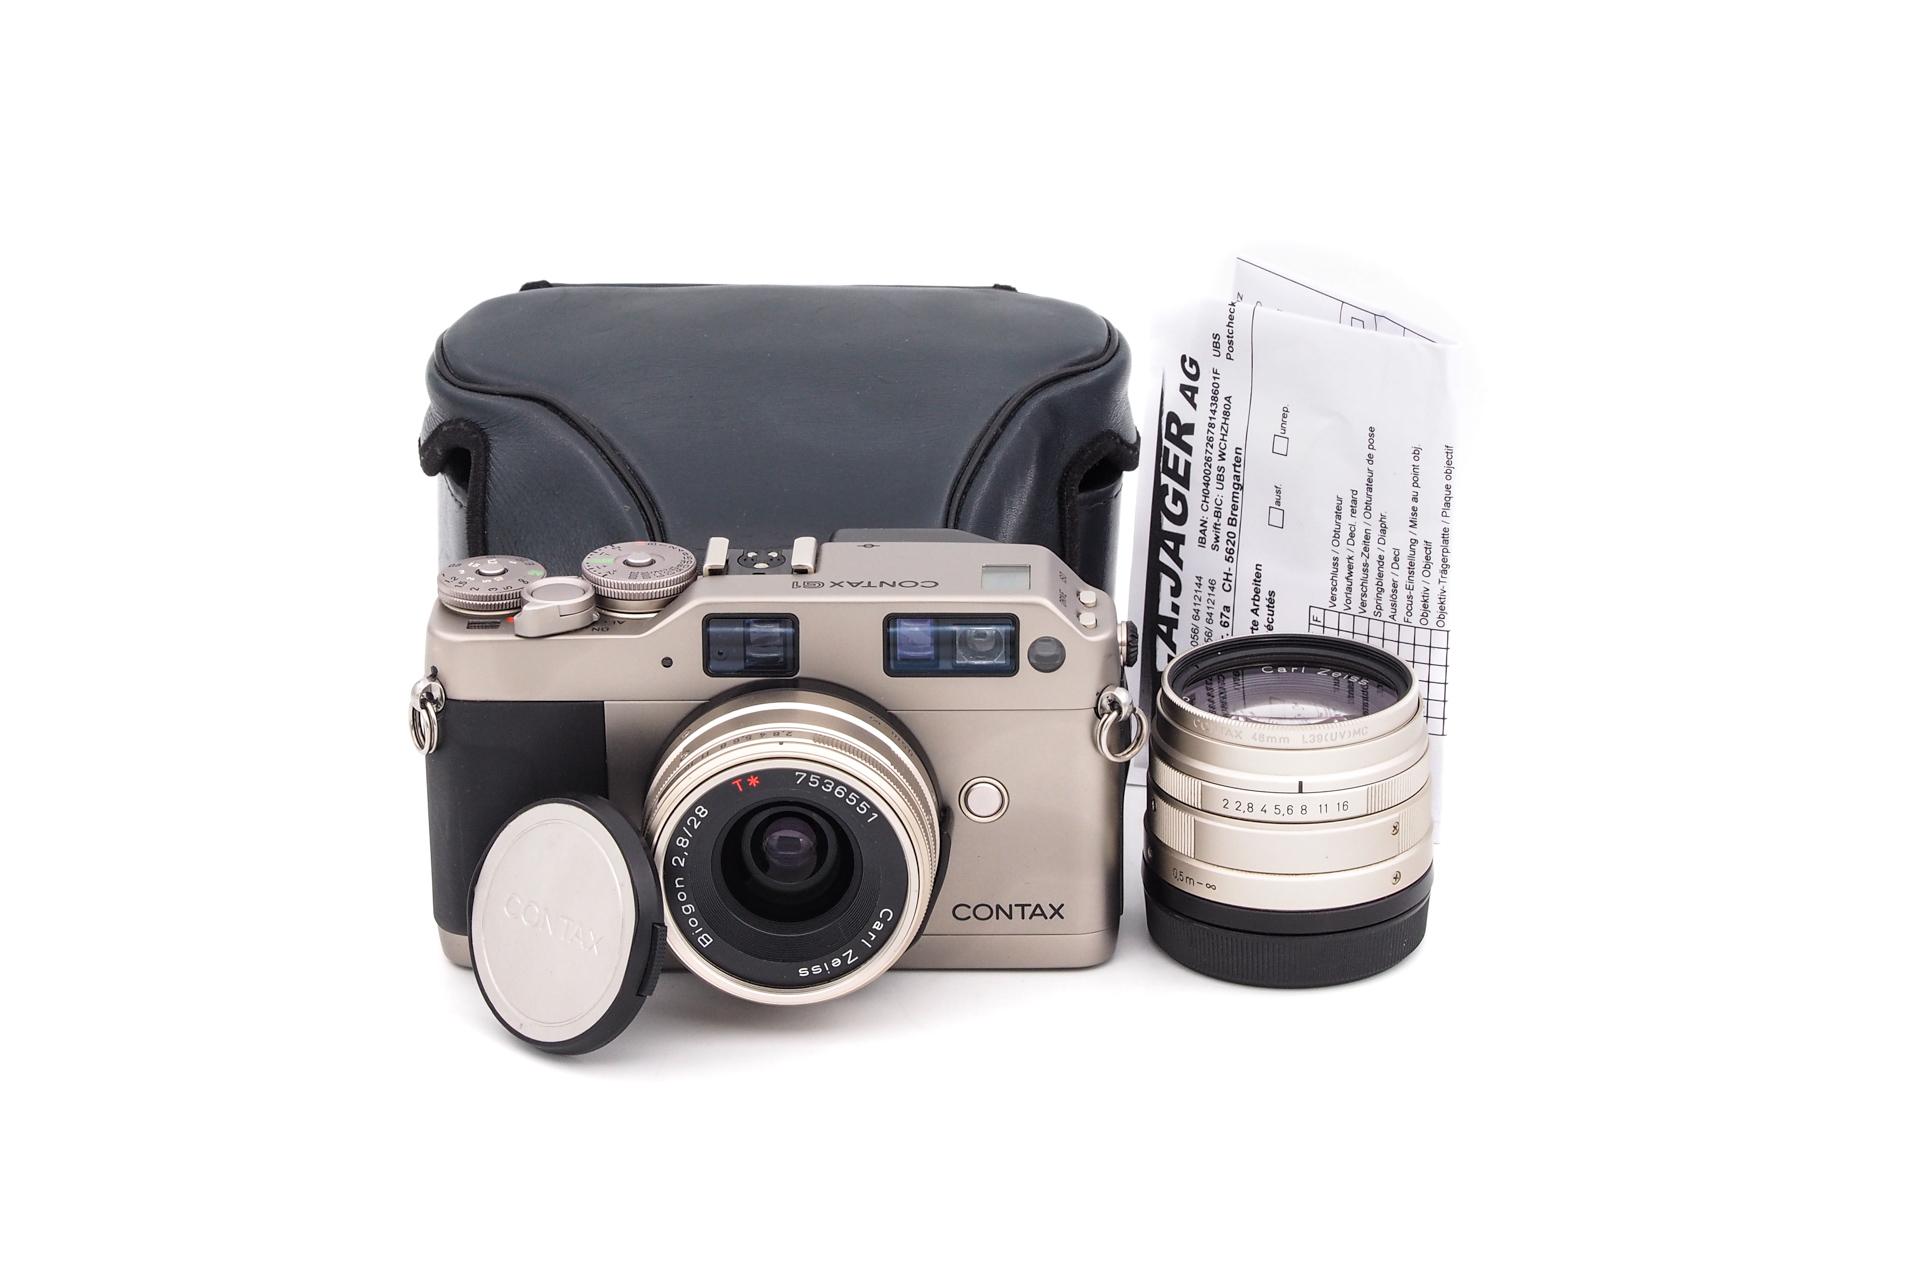 Contax G1 + 45mm F/2 + 28mm F/2.8 + Flash